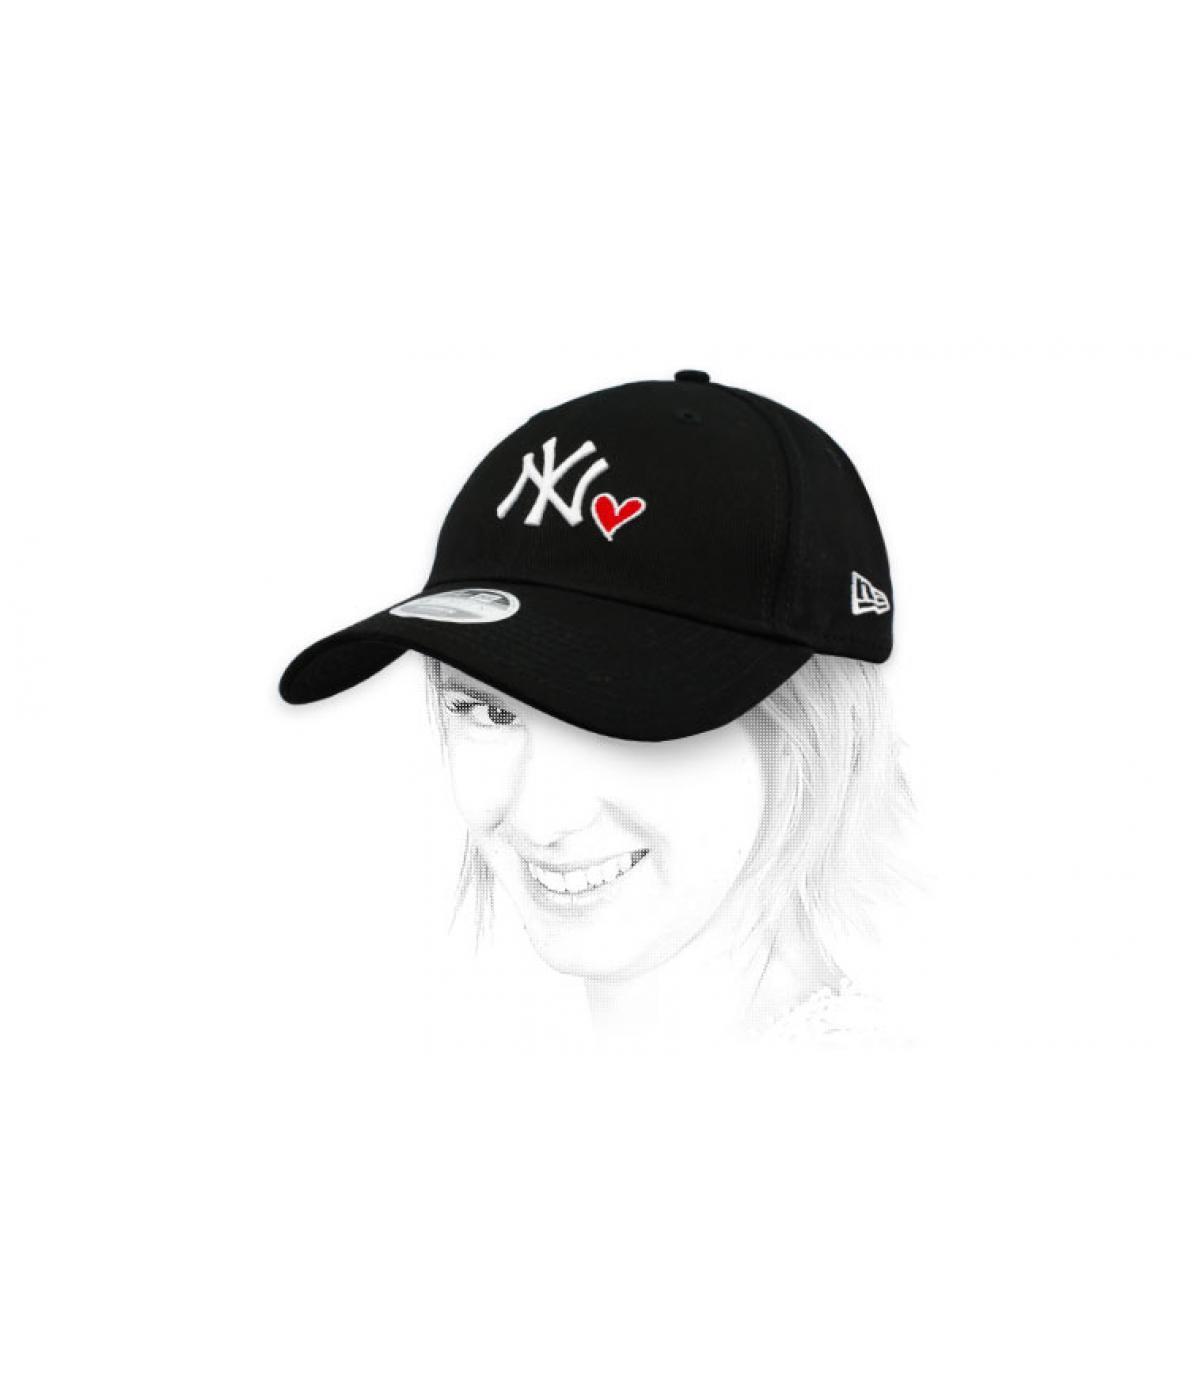 Damen Cap NY schwarzes Herz